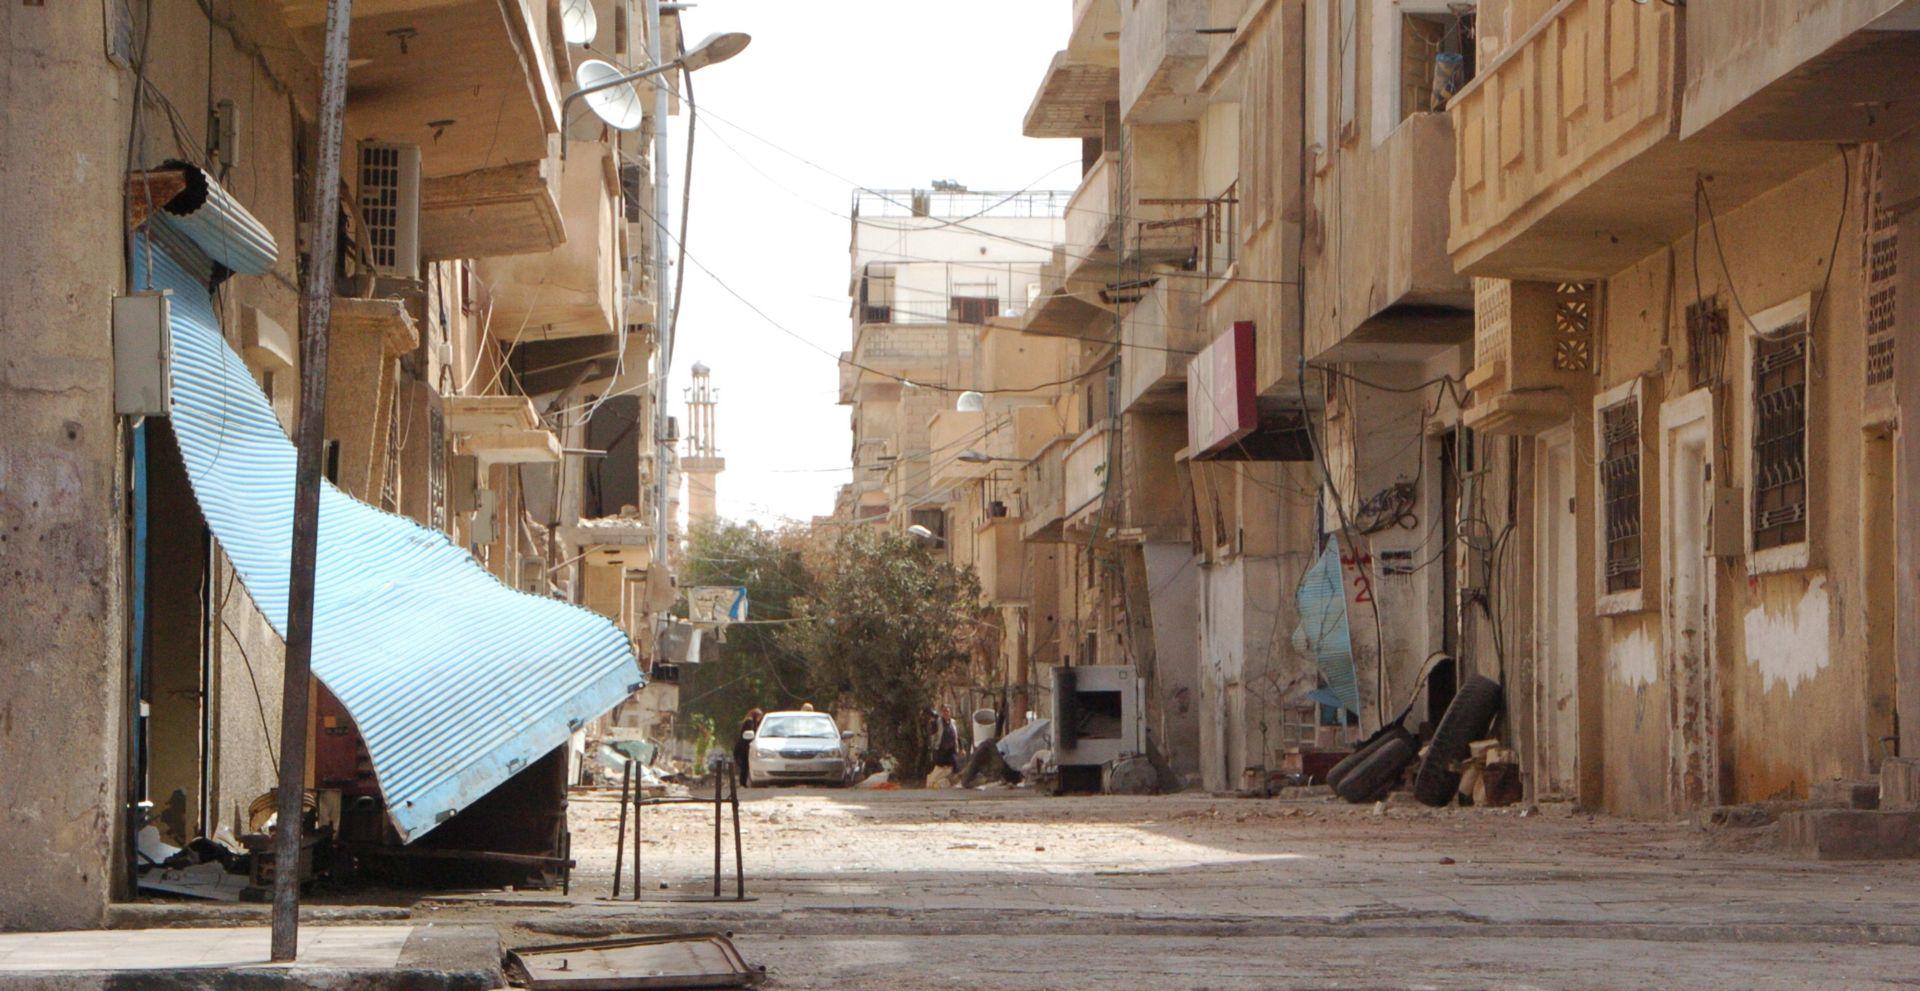 RAZBIJEN MIT O NEPOBJEDIVOSTI Osvajanje Palmire psihološki poticaj u borbi protiv Islamske države